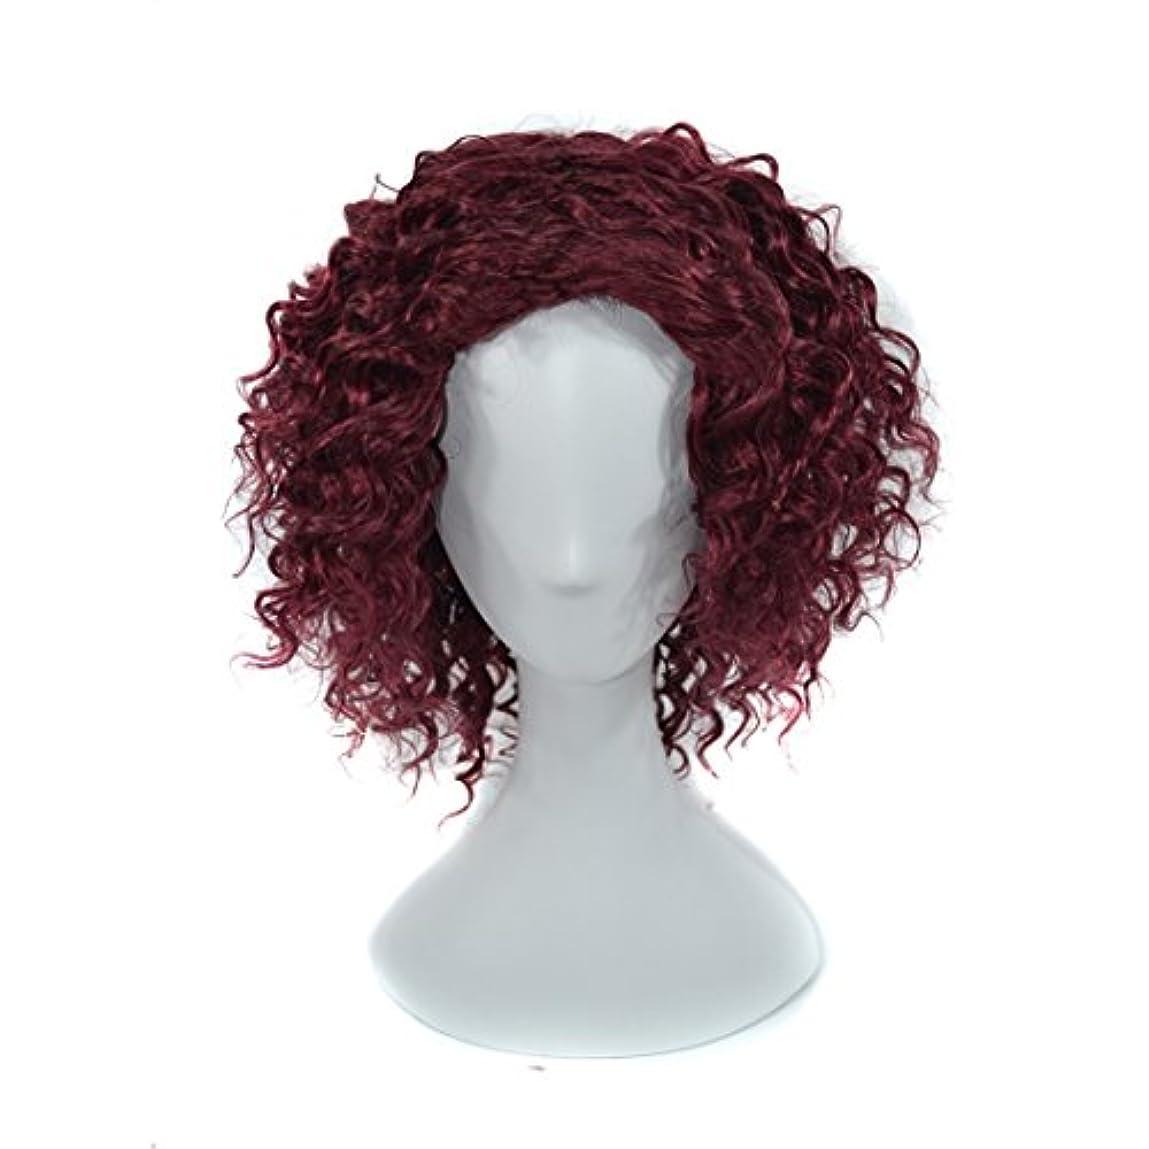 数学的な世界記録のギネスブックどうやらYOUQIU 女性の赤ワイン用16インチヒト小カーリーヘアは220グラムかつら合成デイリーウィッグ傾斜前髪で染色カーリーウィッグことはできません (色 : Red wine)